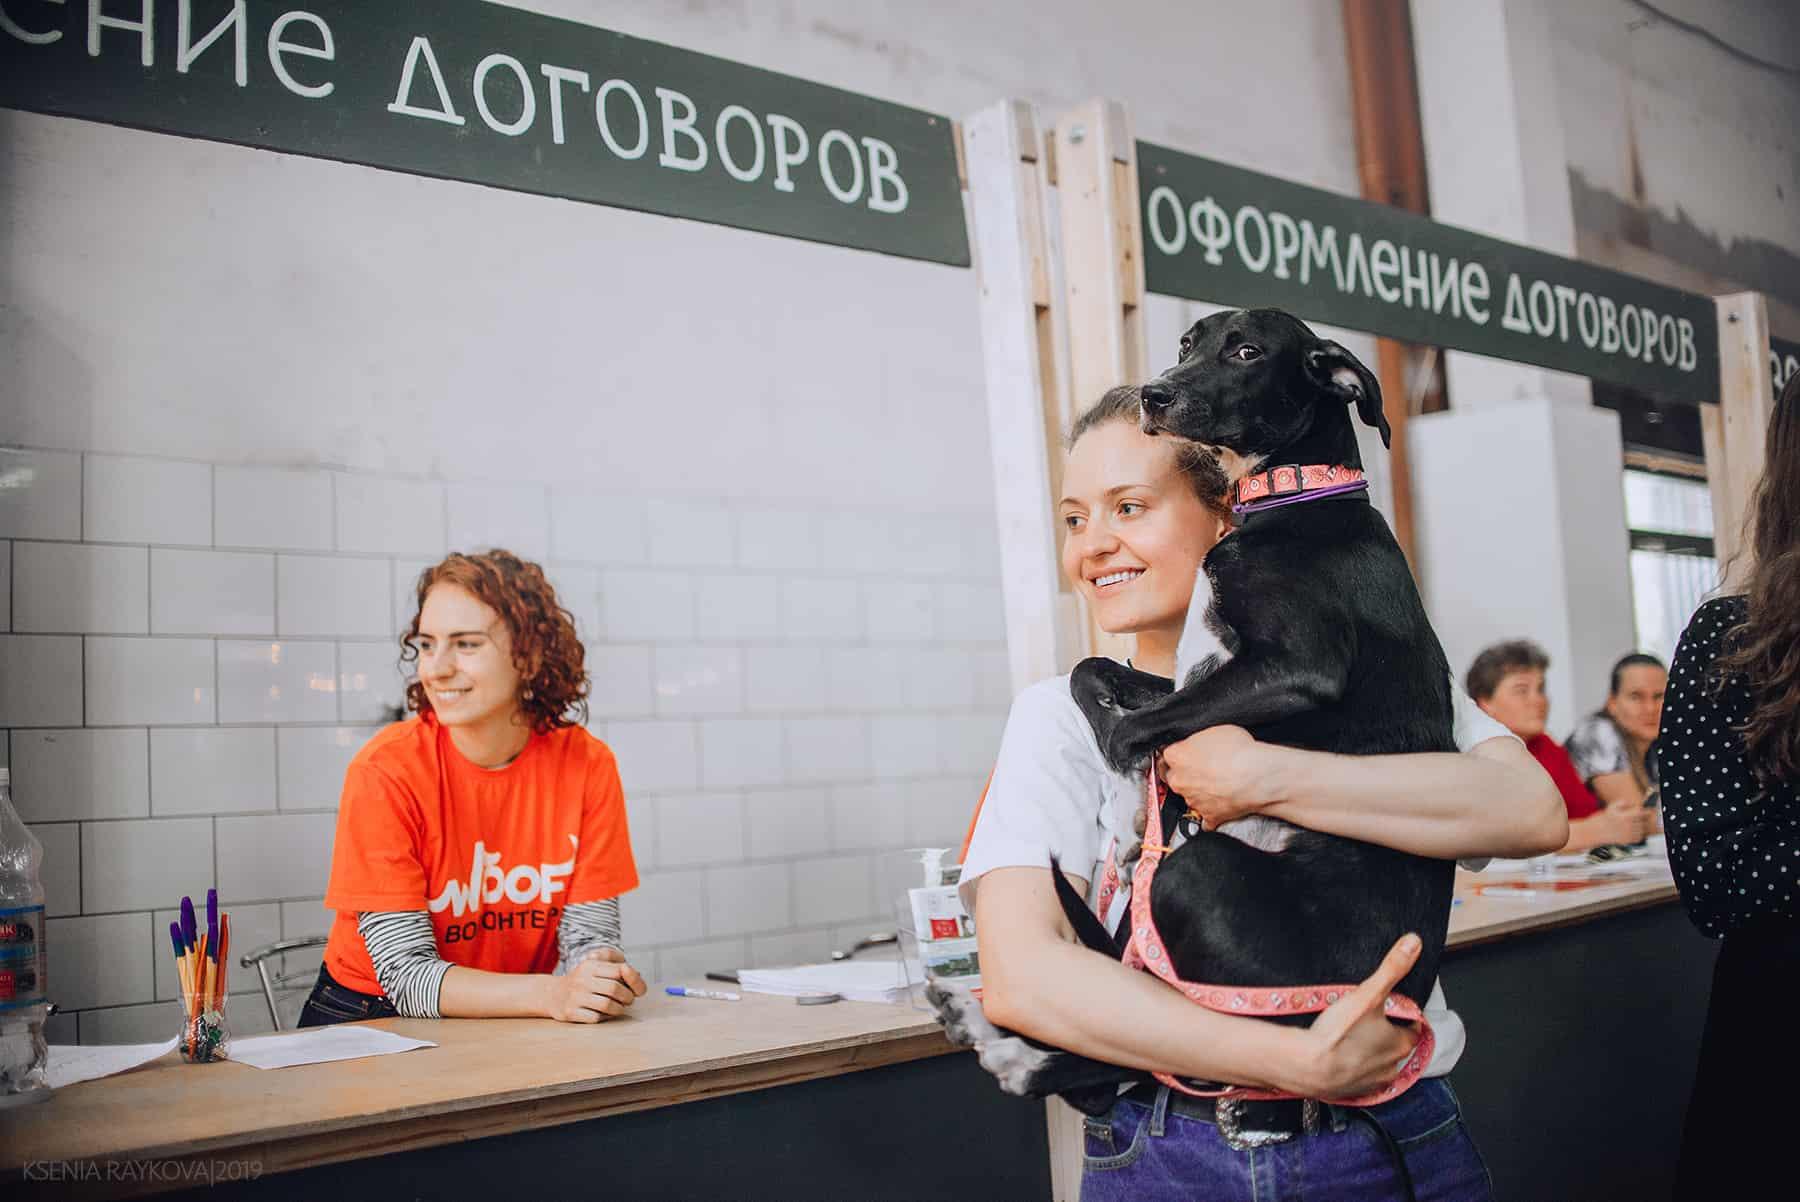 woof fest О кошках, собаках, приютах и благотворительности. Интервью с организаторами фестиваля Woof Fest DXP6ulQehzM